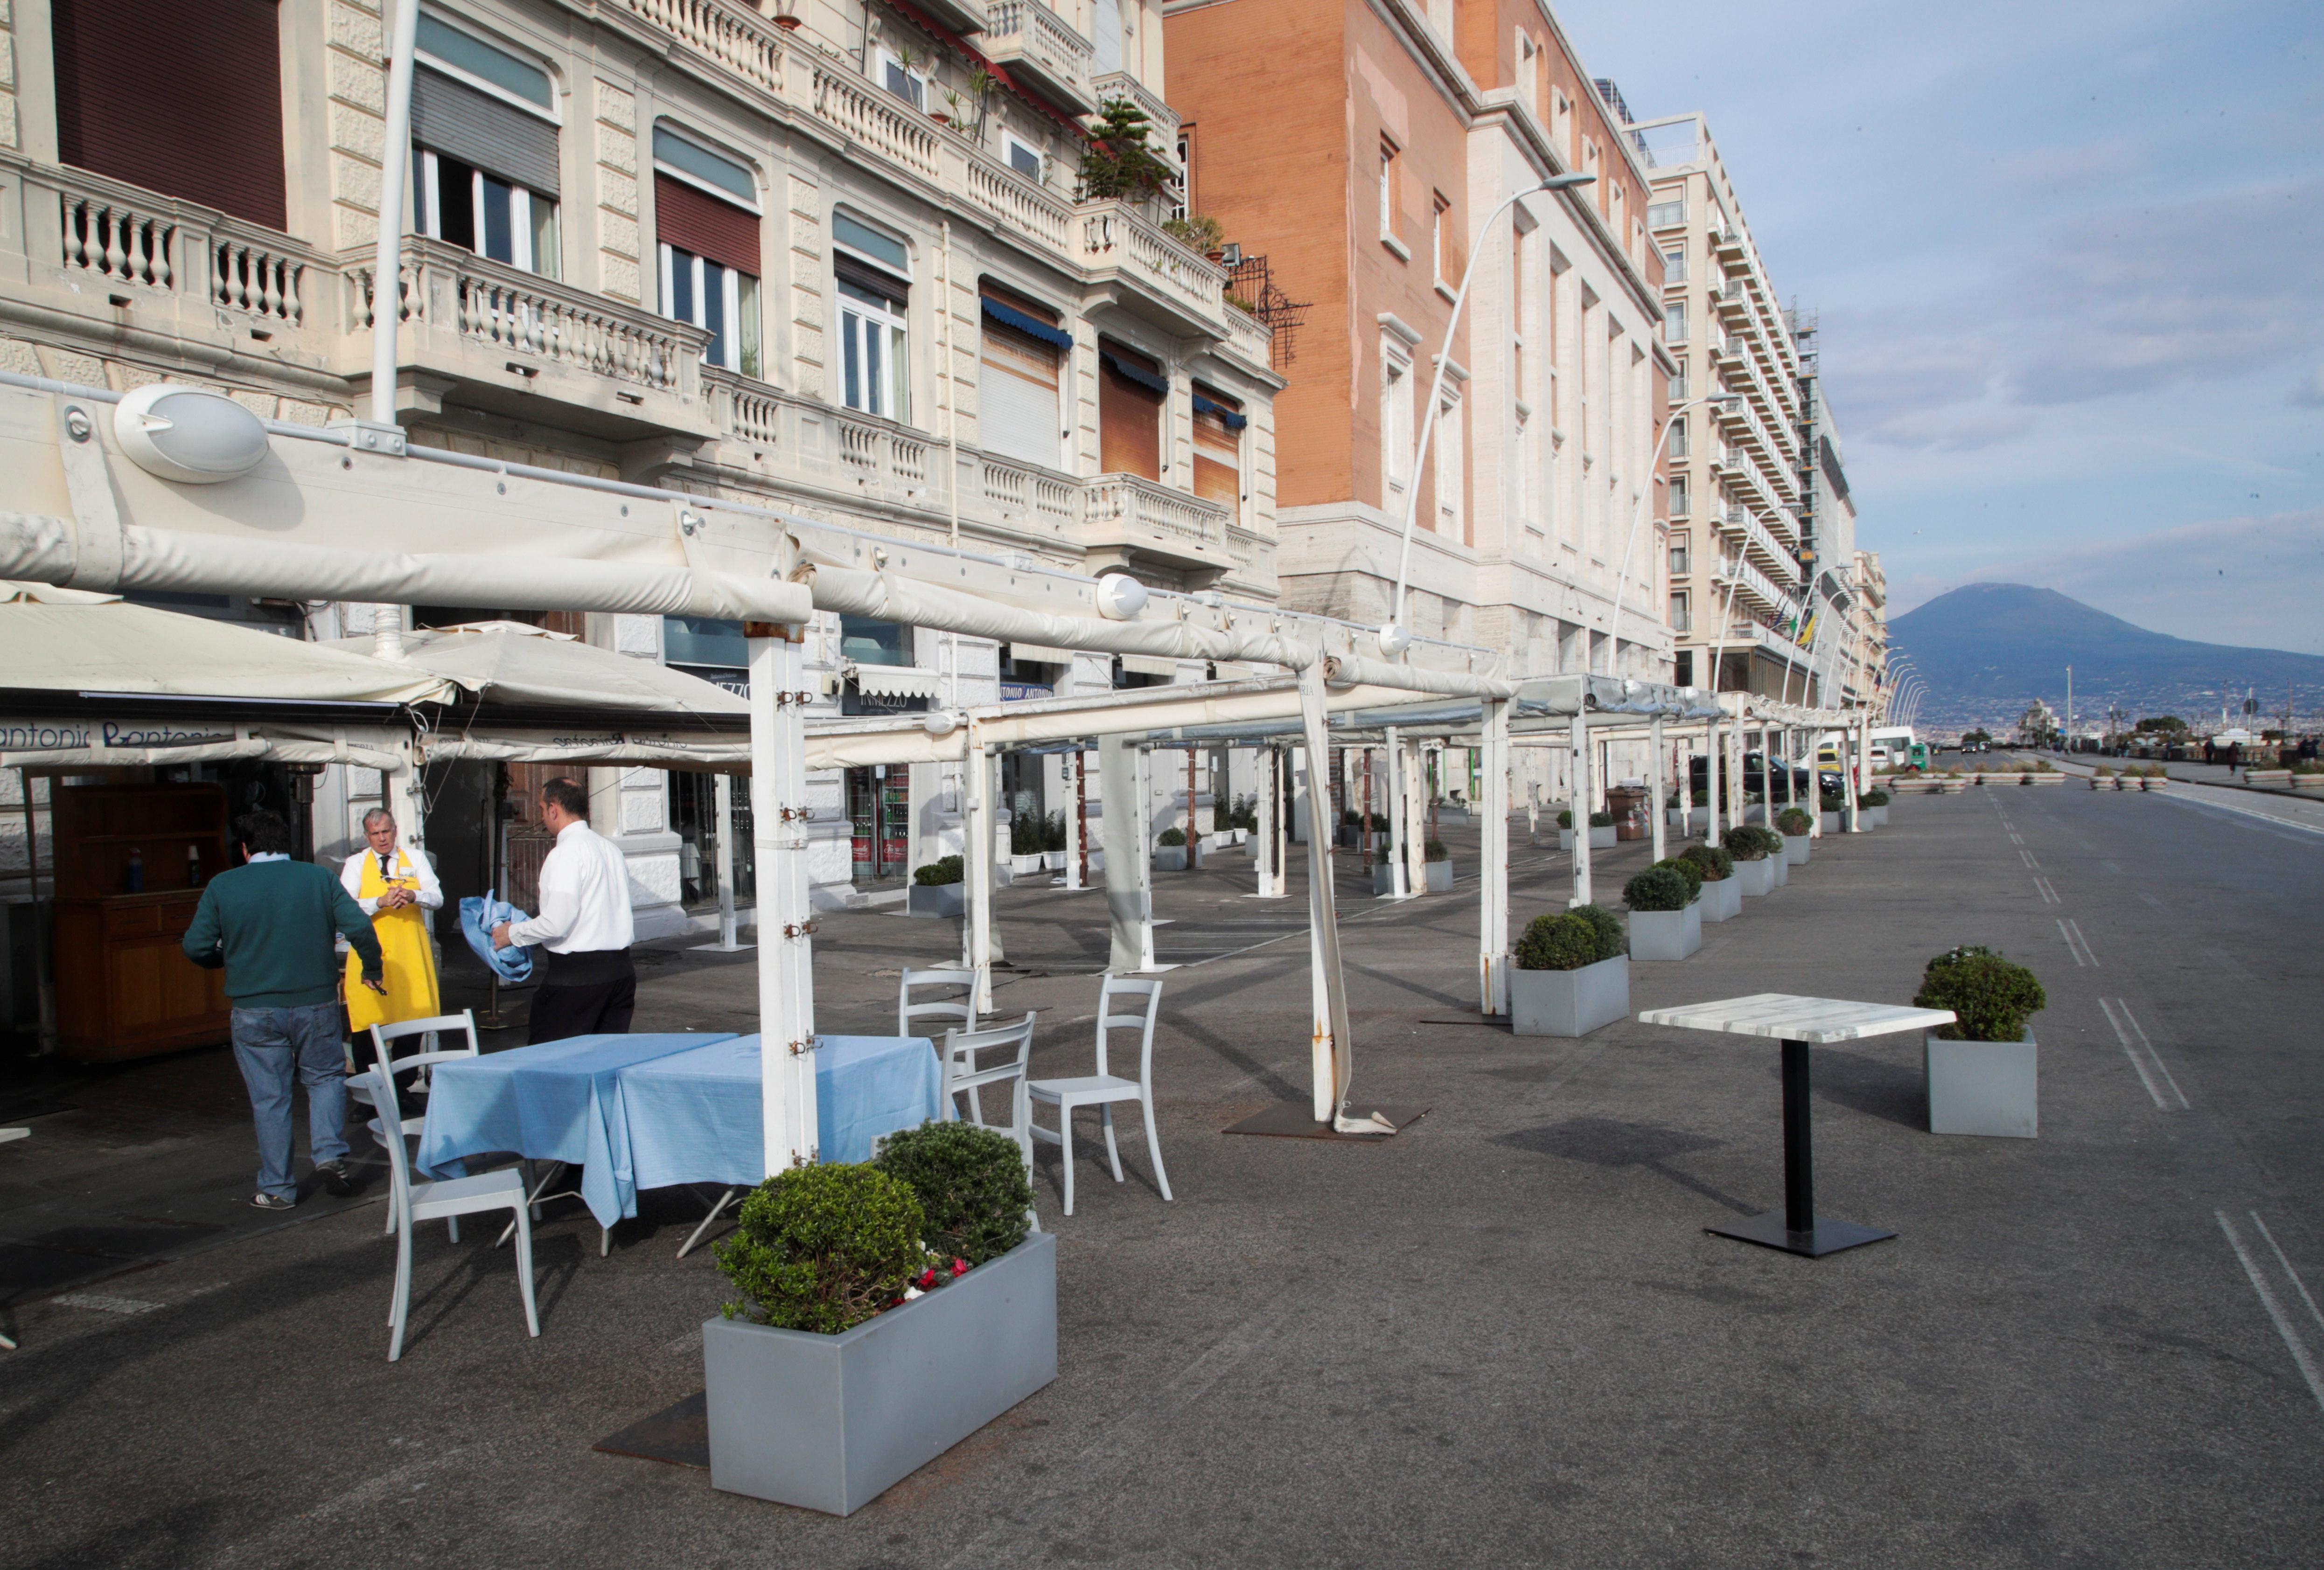 Un restaurante cerrado en Via Partenope, en Nápoles, el 10 de marzo de 2020. (REUTERS / Ciro De Luca)